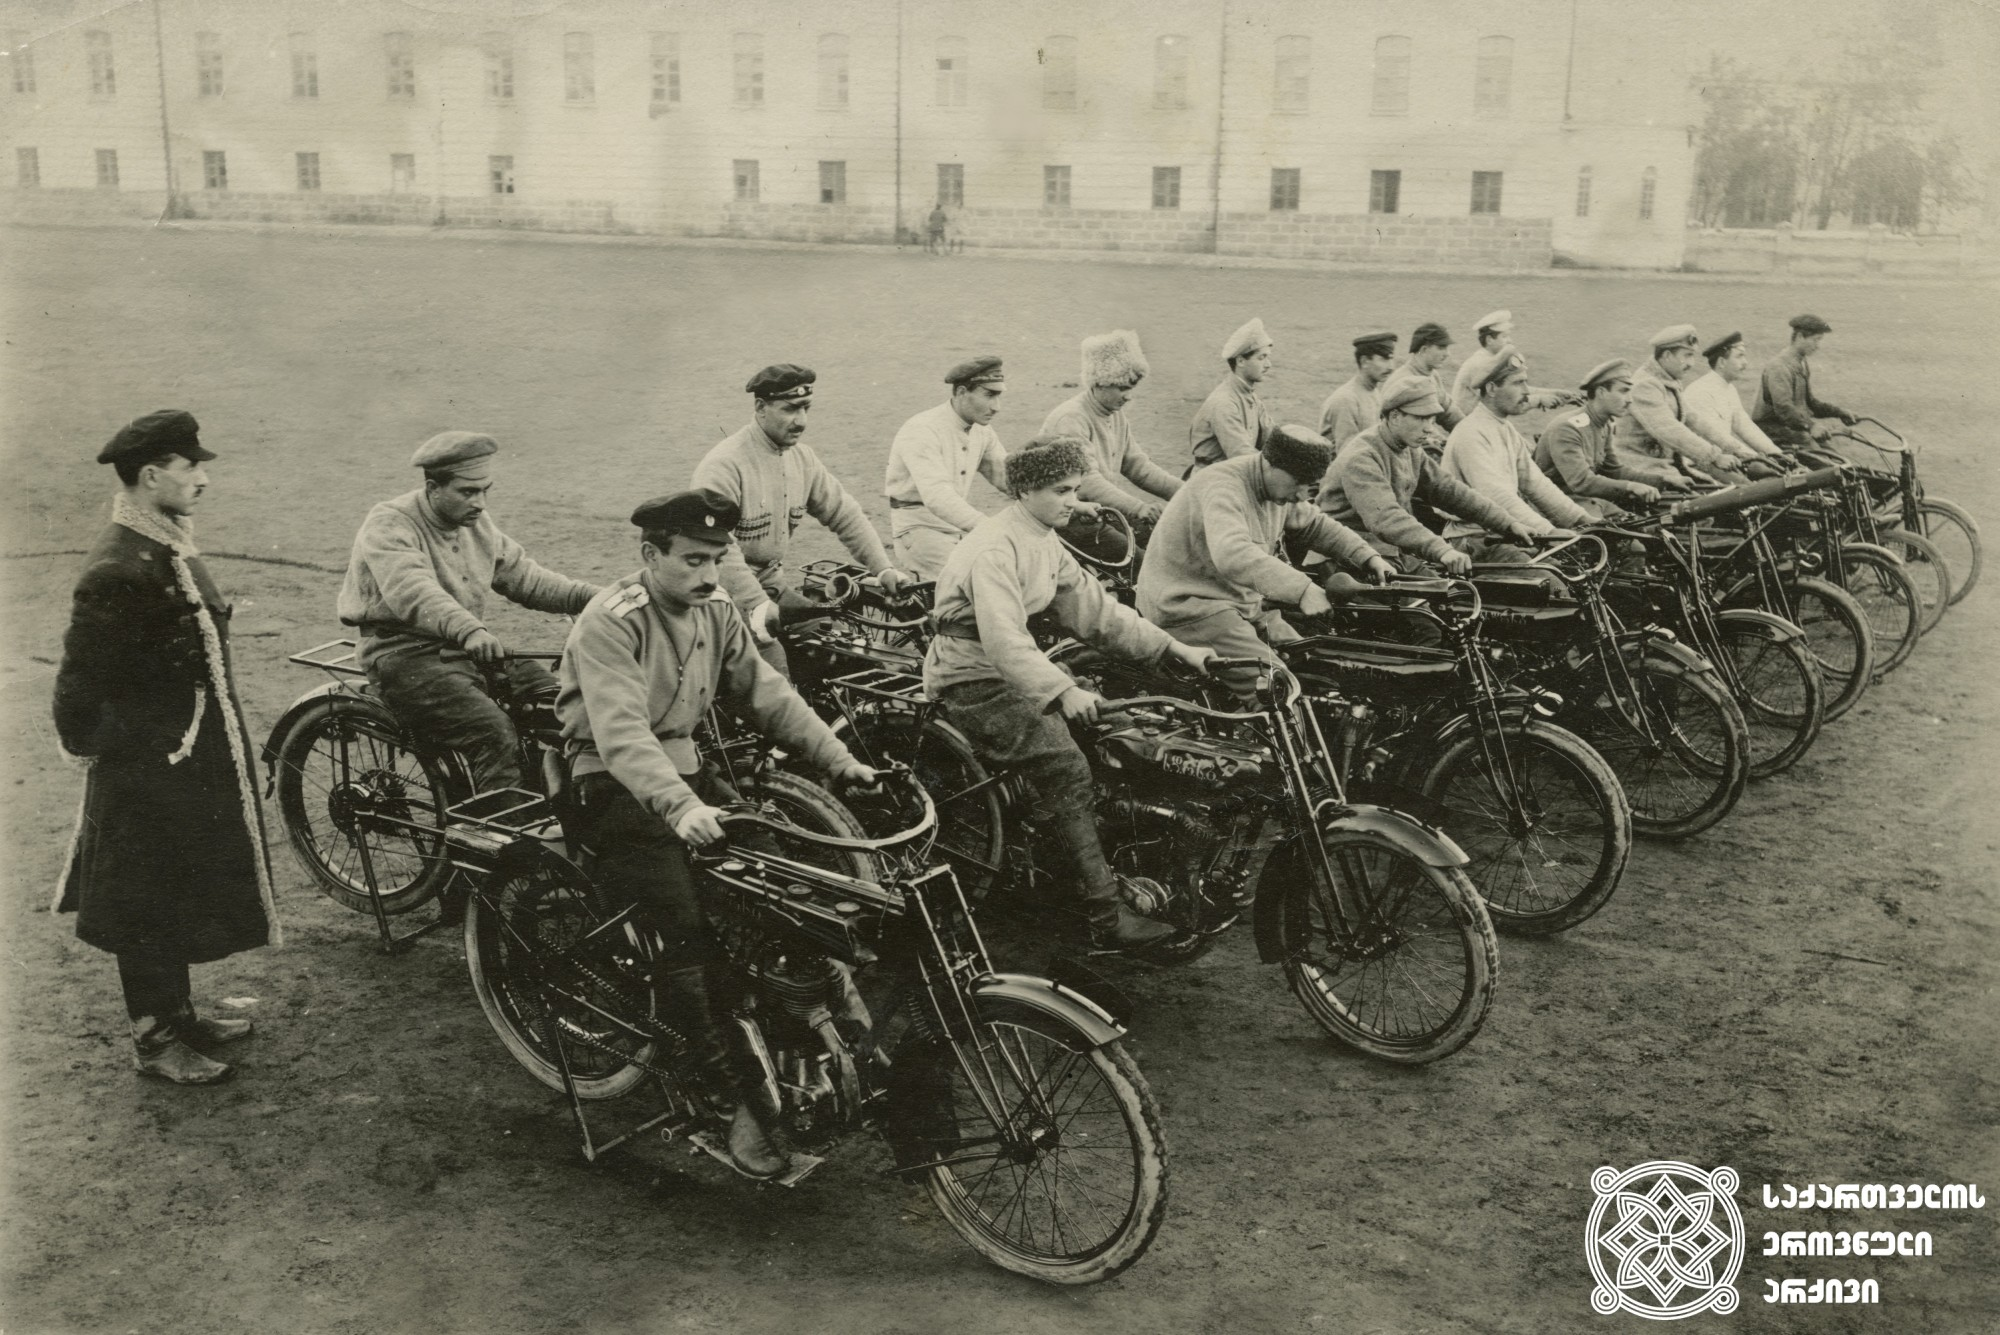 სახალხო გვარდიის მეტყვიამფრქვევე-მოტოციკლისტთა რაზმი. <br>  თბილისი, 1918-21 წლები. <br> Cyclists' machine-gun unite of the people's guard. <br> Tbilisi, 1918-1921.